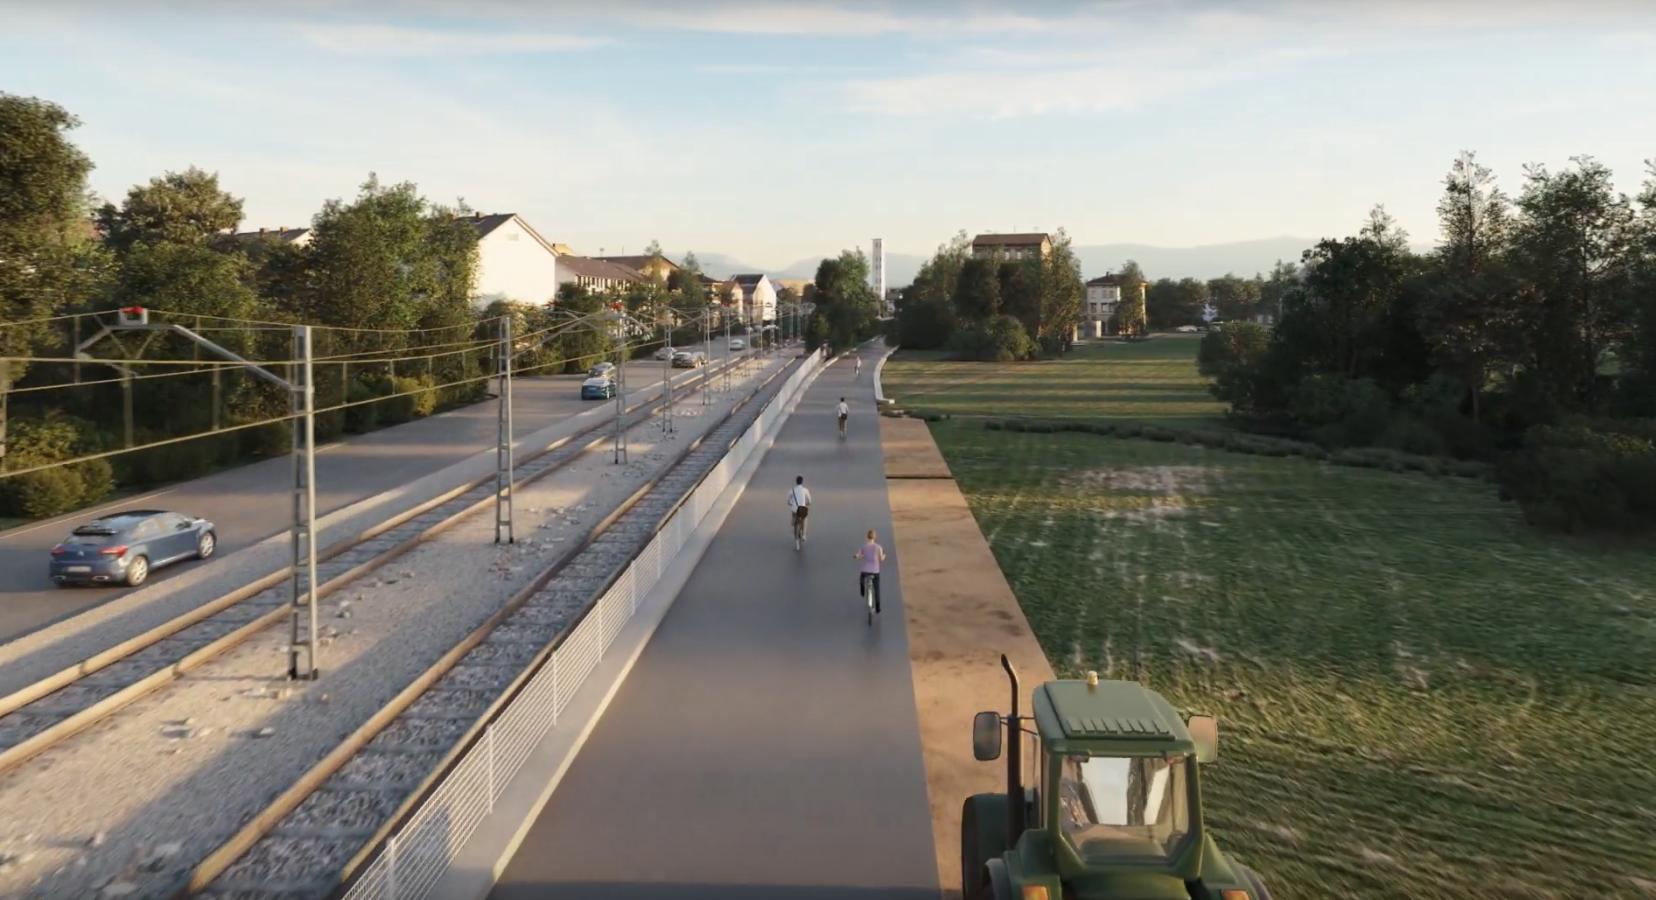 Straße, Schiene, Radschnellweg und Landwirtschaftsverkehr nebeneinander.